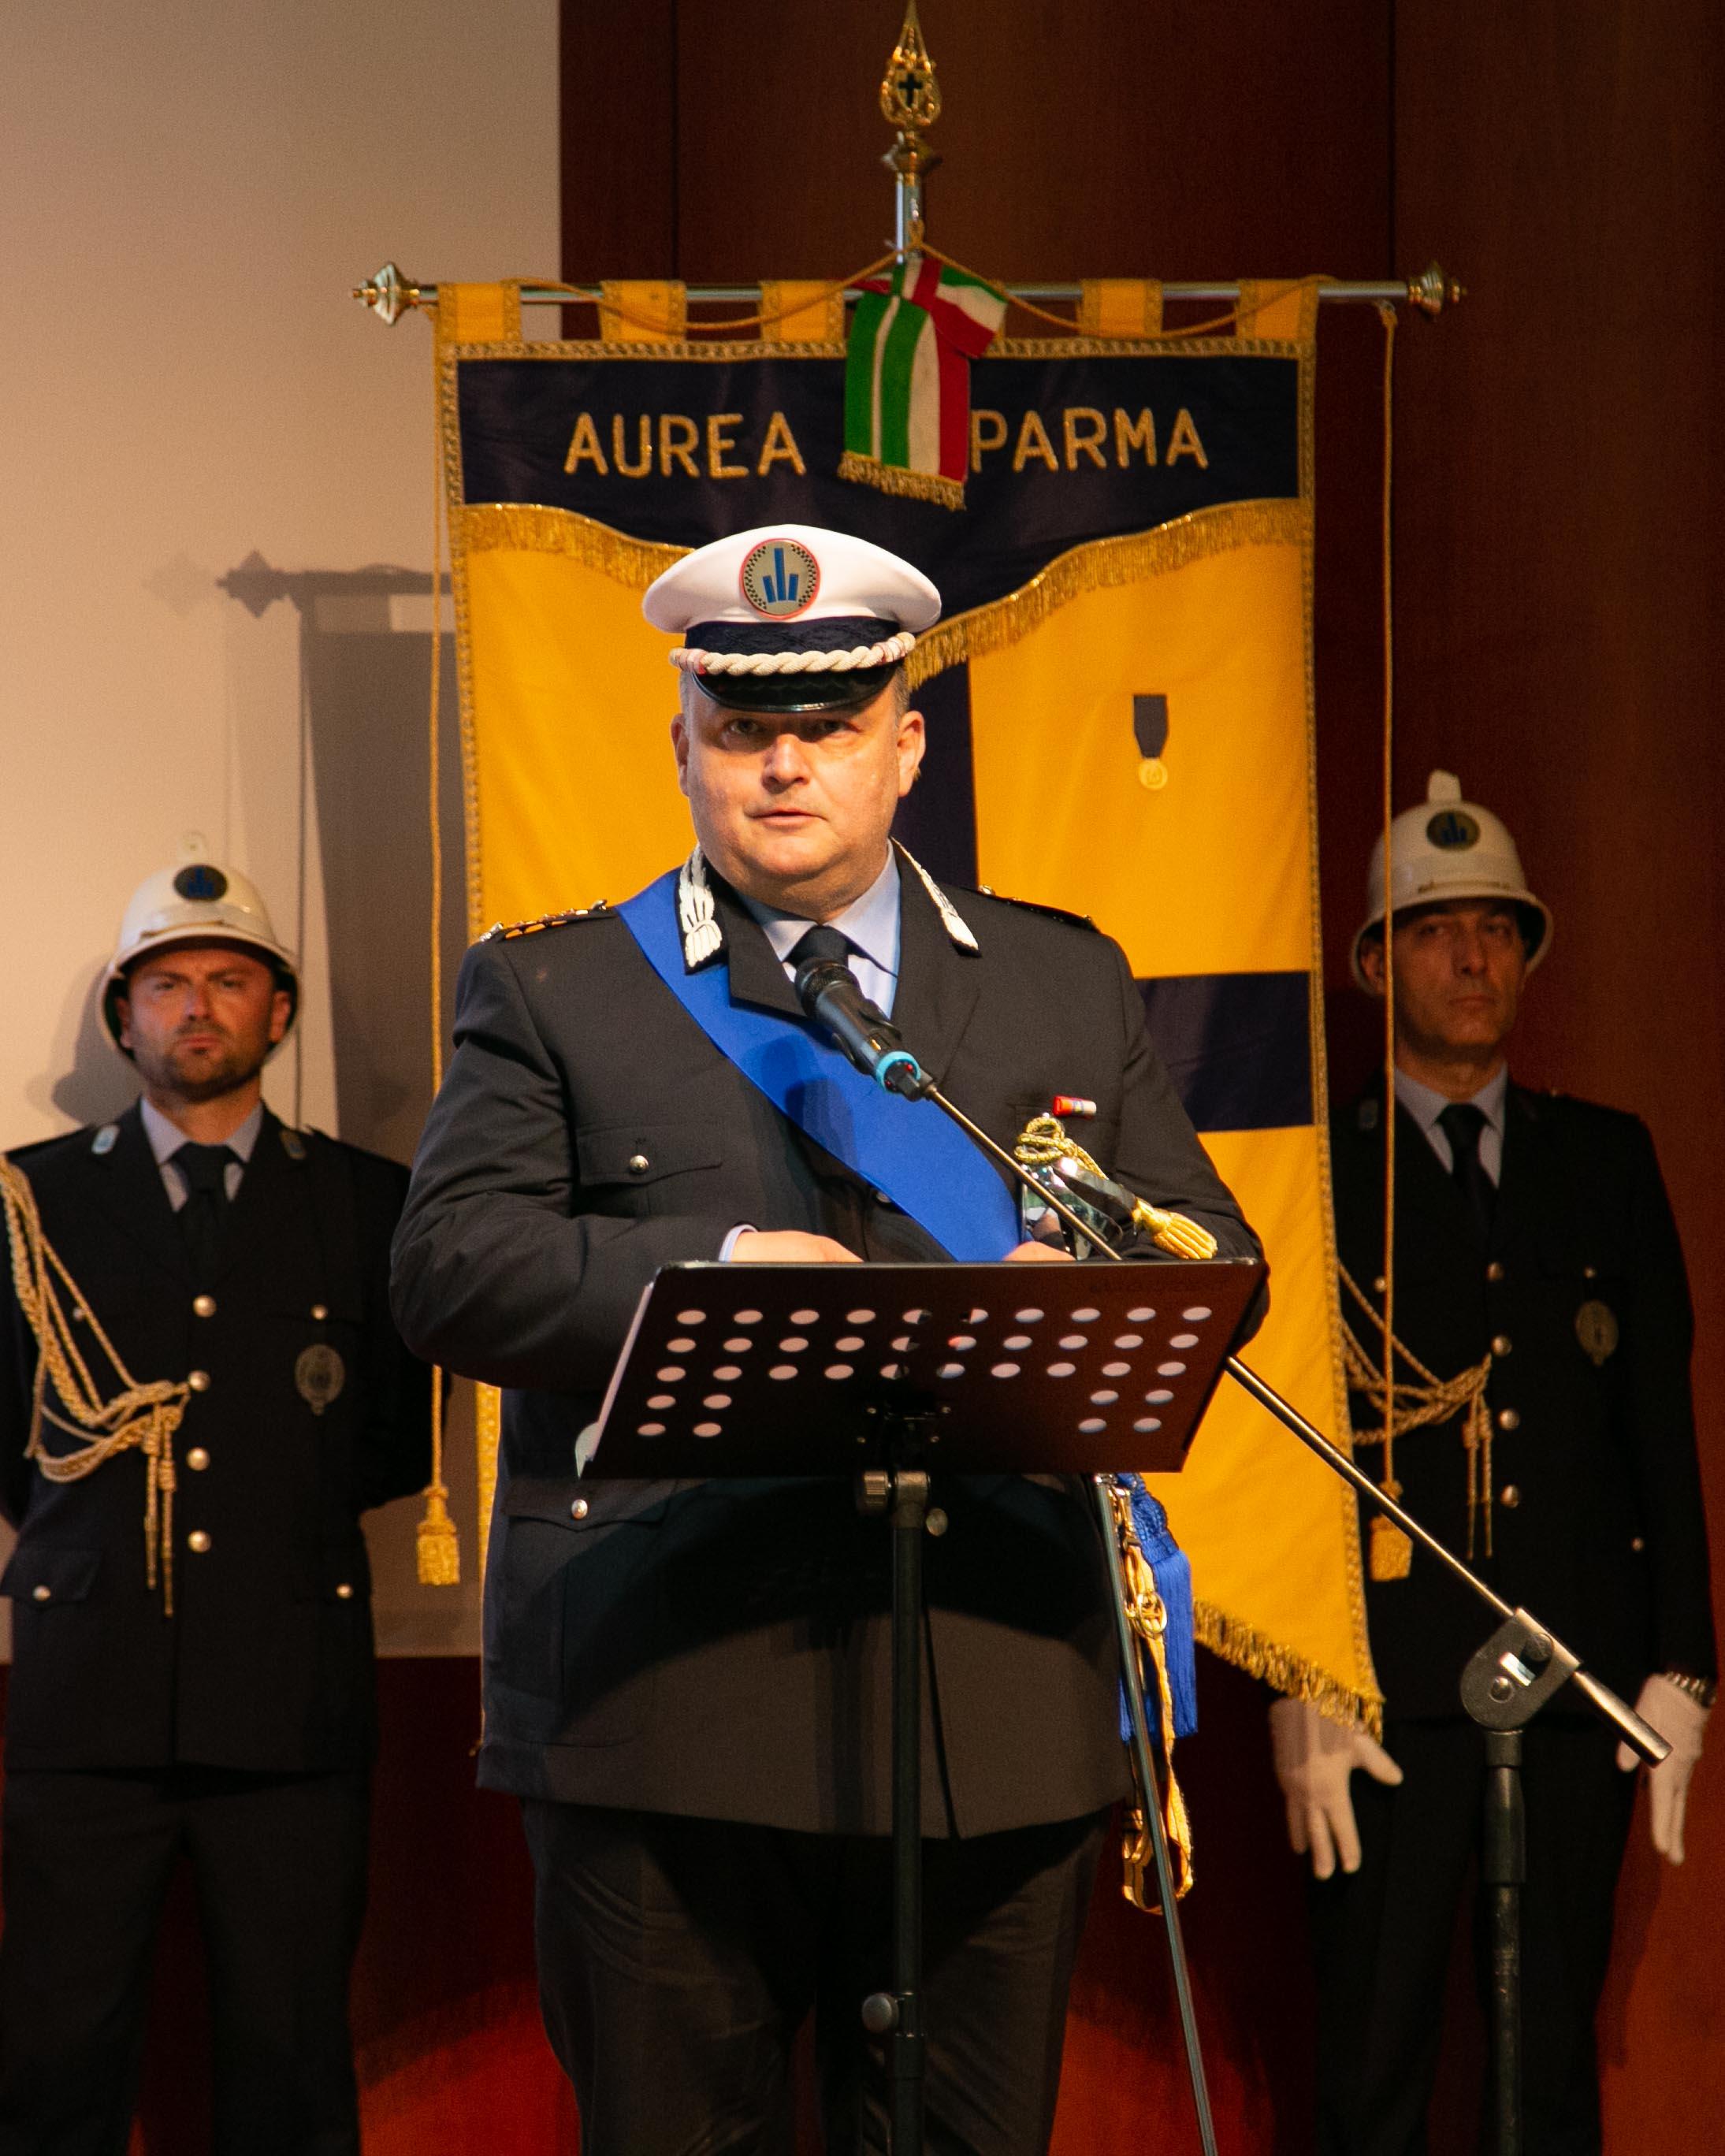 Comune di Parma - Polizia Municipale - Polizia …